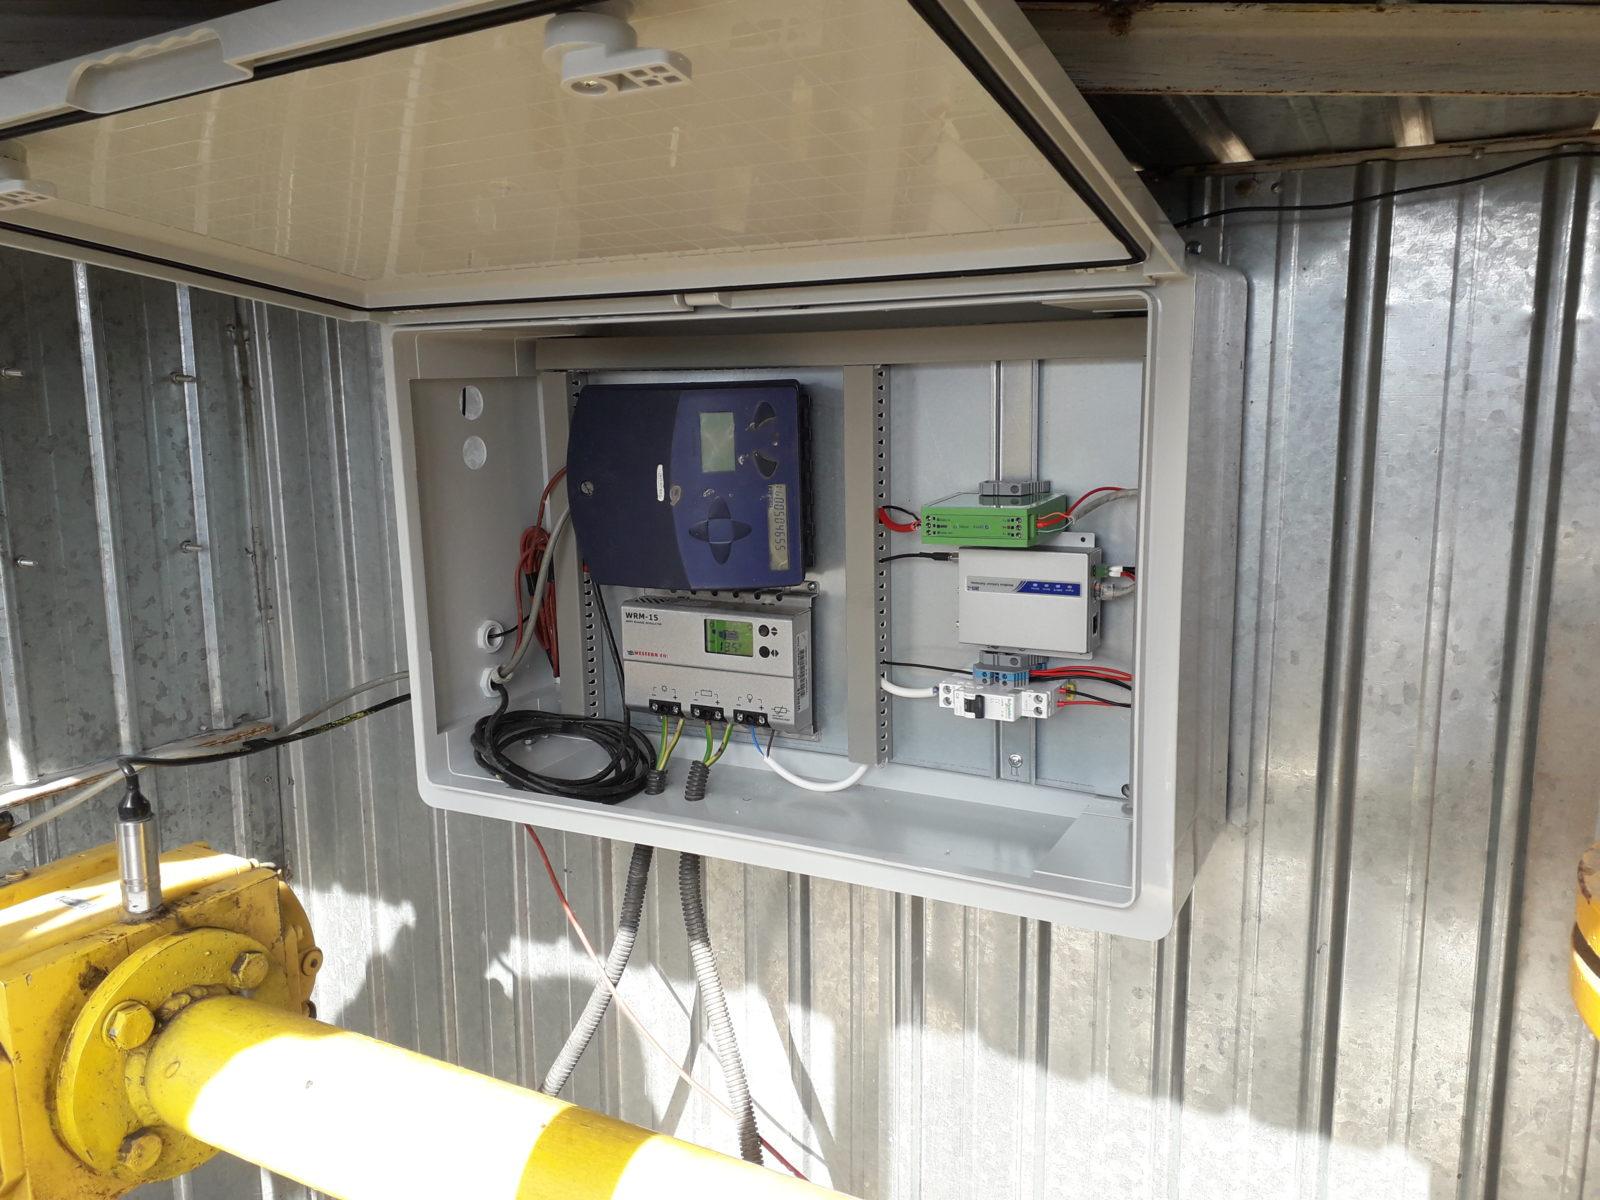 Tablou BlueMonitor echipamente telecitire corectoare volum gaz